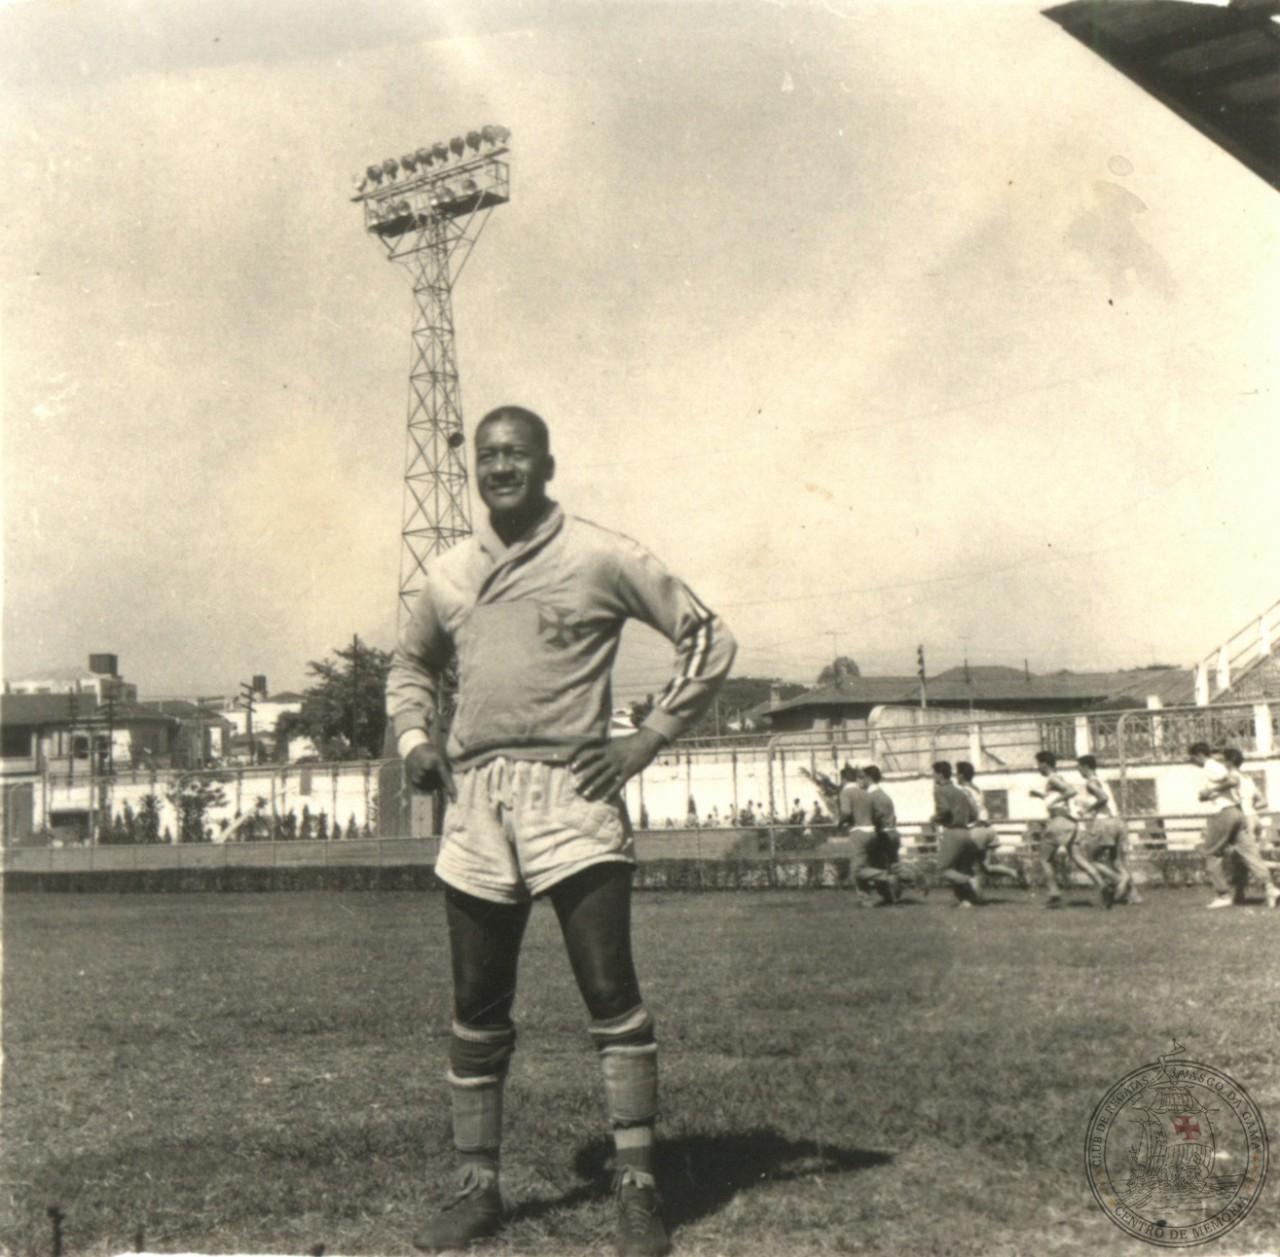 Em 1958, o veterano goleiro fez parte do elenco no Super-supercampeonato Carioca vascaíno. O titular na última partida foi Miguel, seu pupilo - CPAD-CRVG